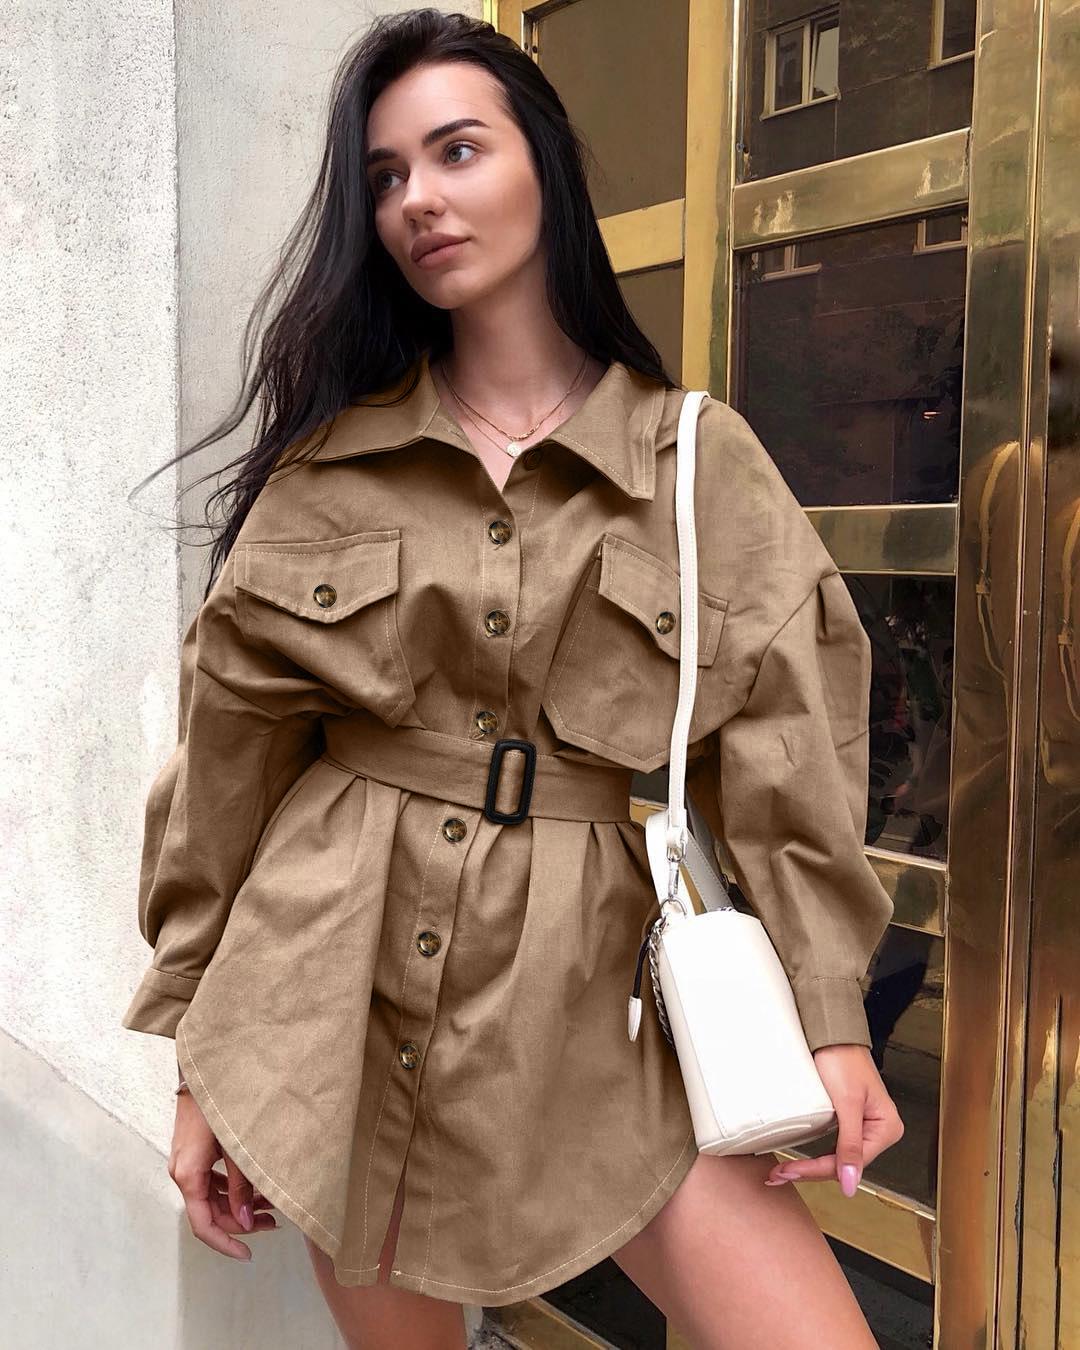 欧美卡其色连衣裙办公室腰带复古礼服长袖中裙口袋系带休闲套装女